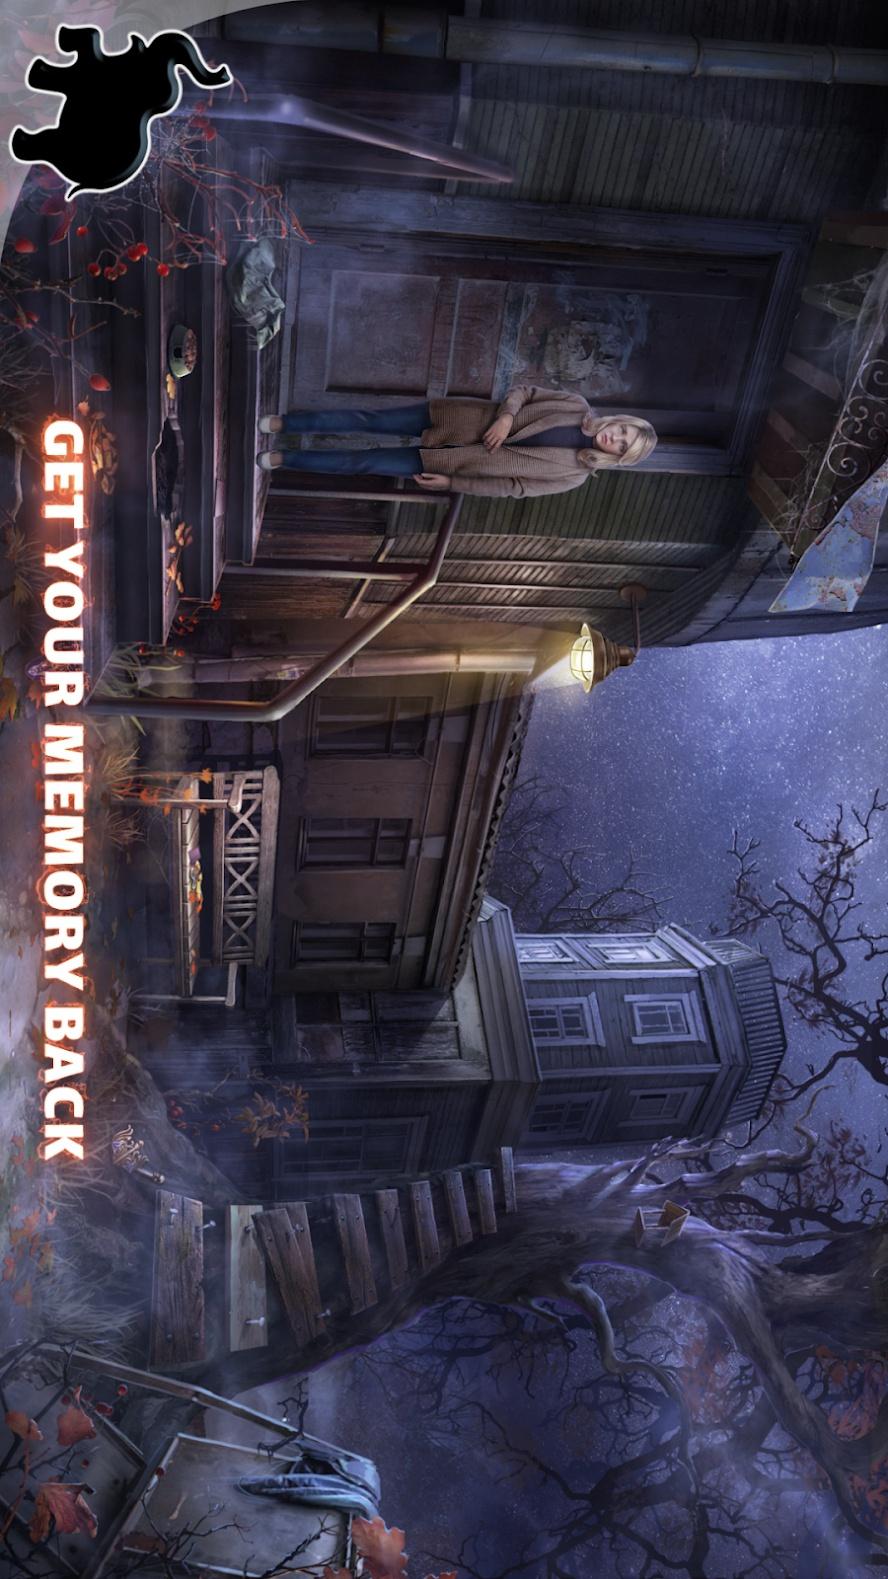 神秘追踪者13:影域回忆游戏截图